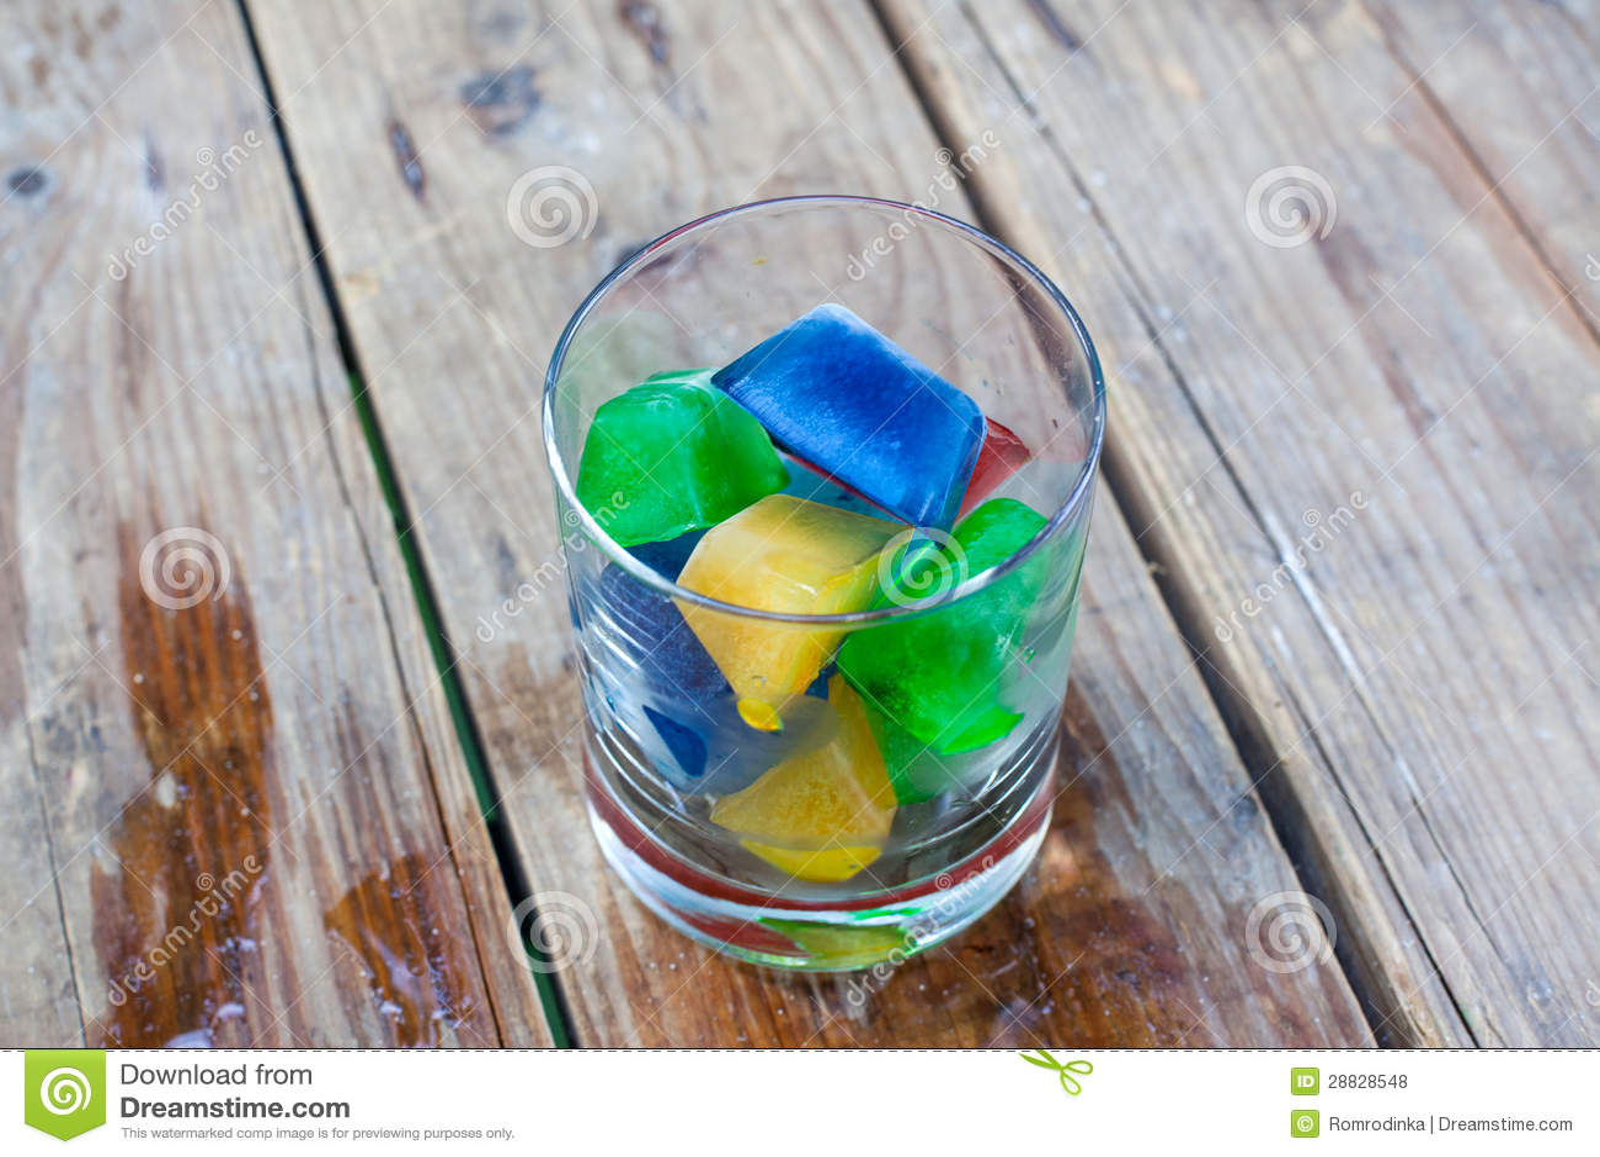 Bunte Eiswürfel In Einem Glas Lizenzfreie Stockfotos ...